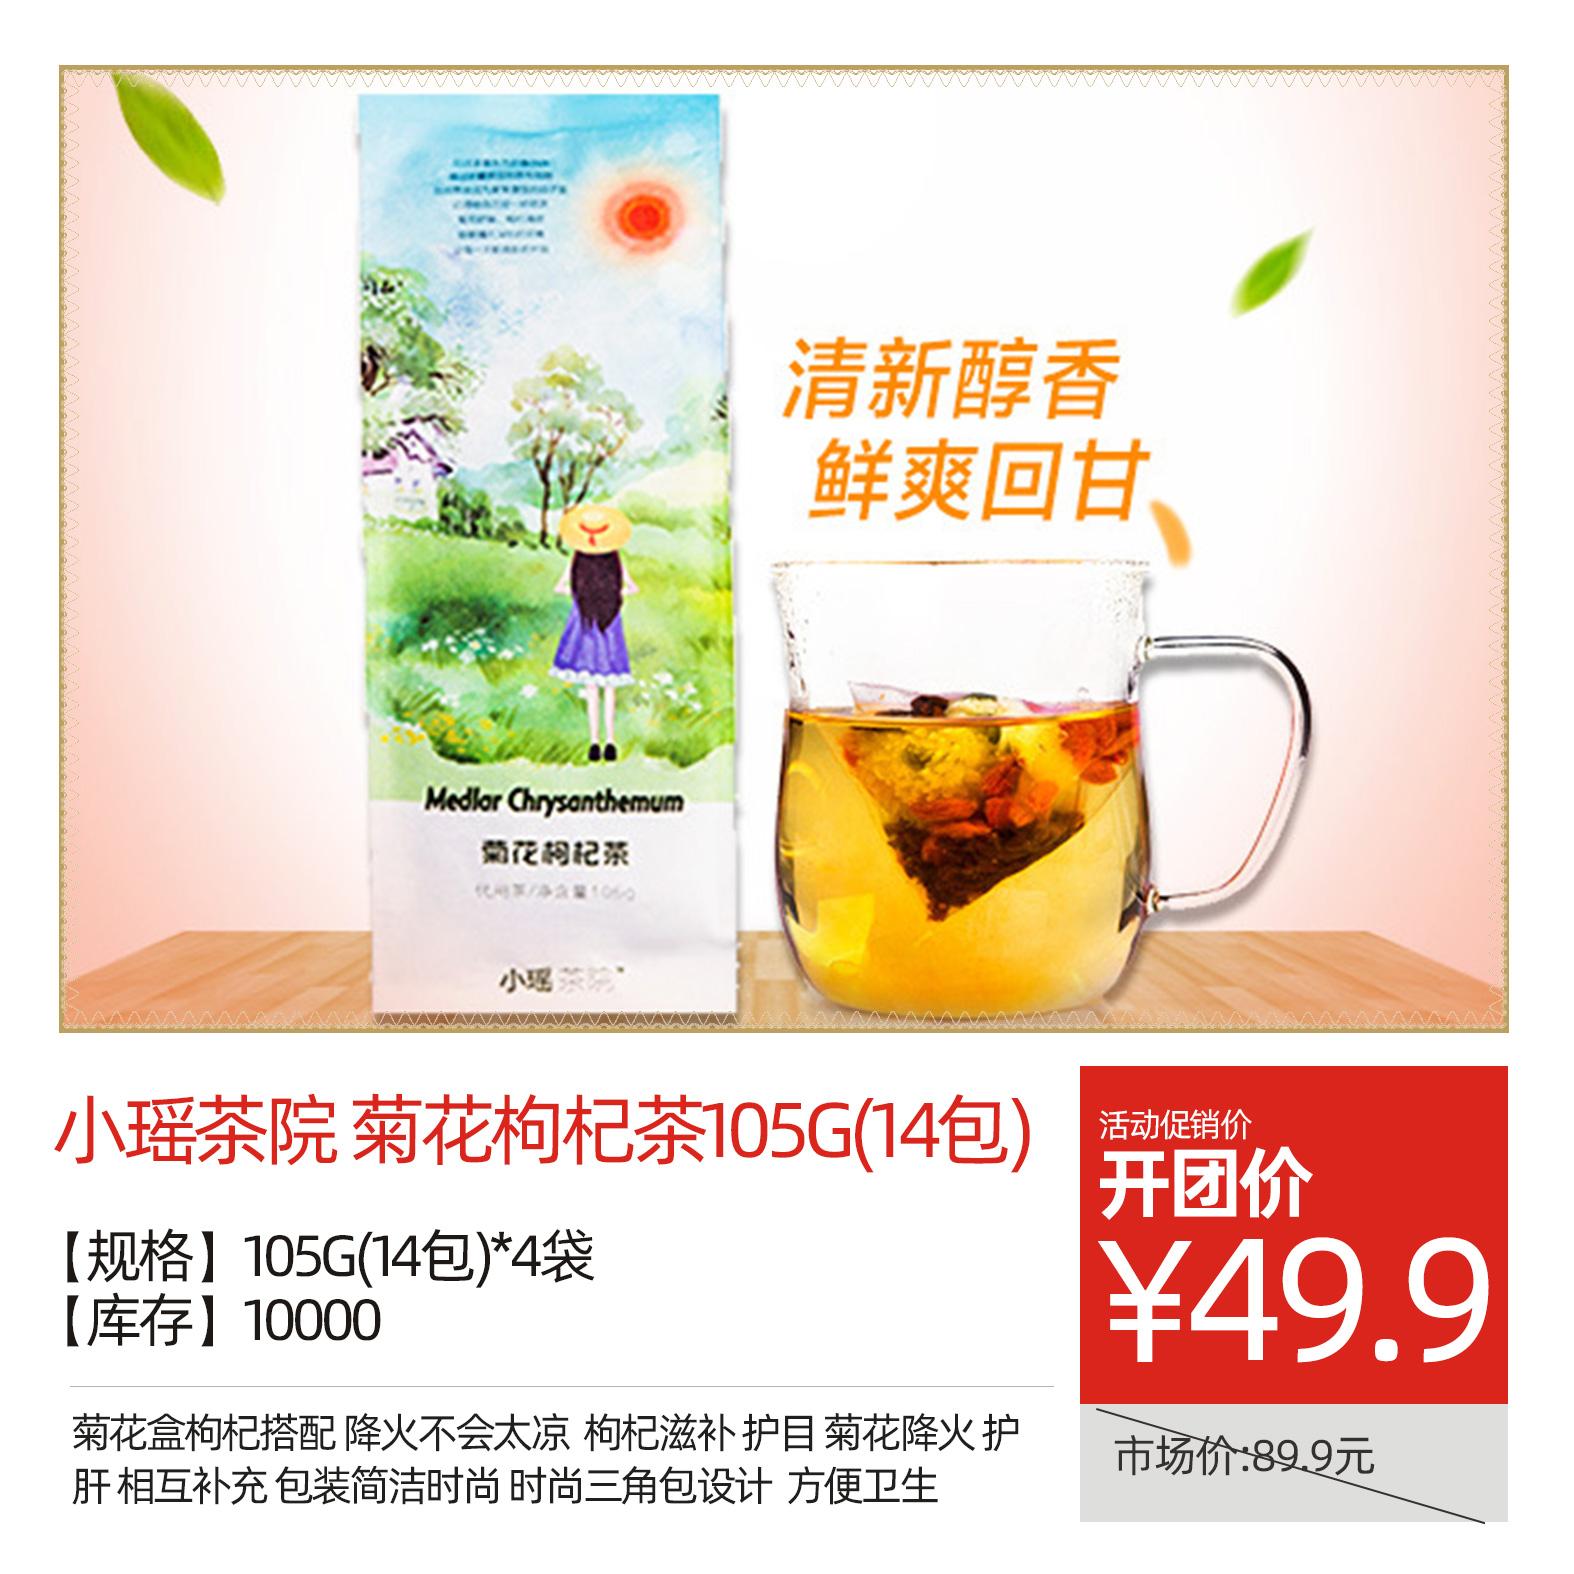 小瑶茶院 菊花枸杞茶105g(14包)